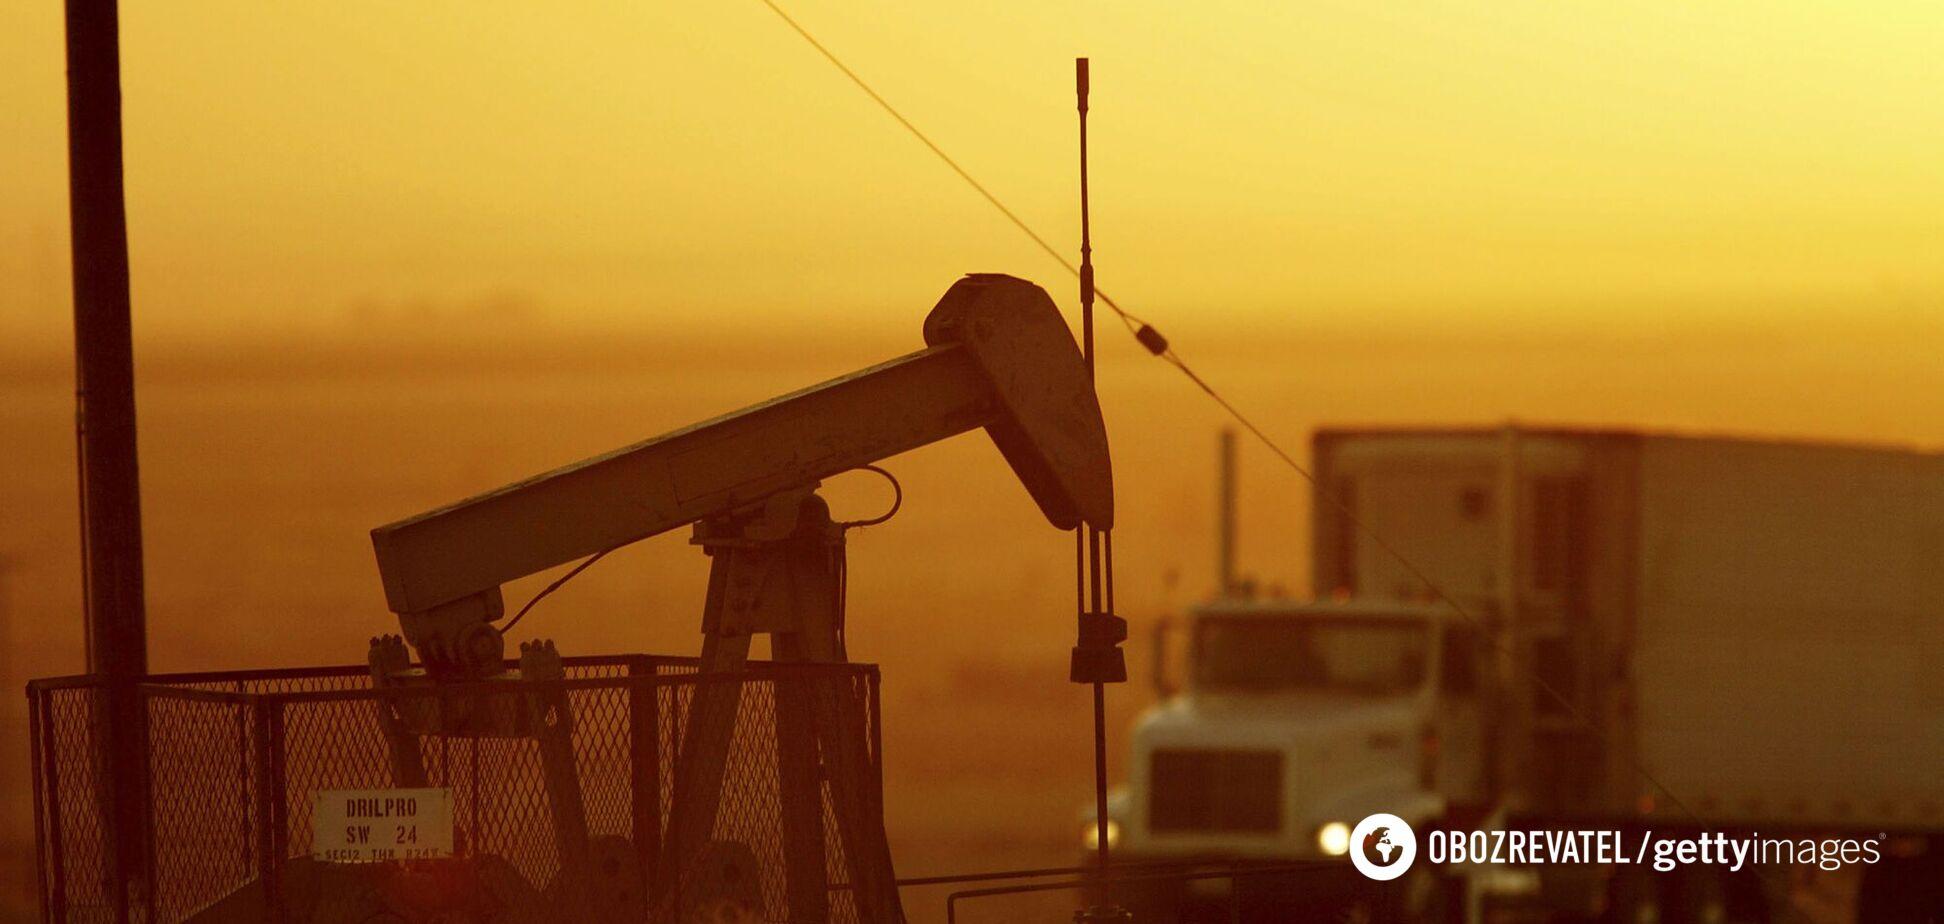 Ціни на нафту злетять до $85: експерти озвучили сценарії